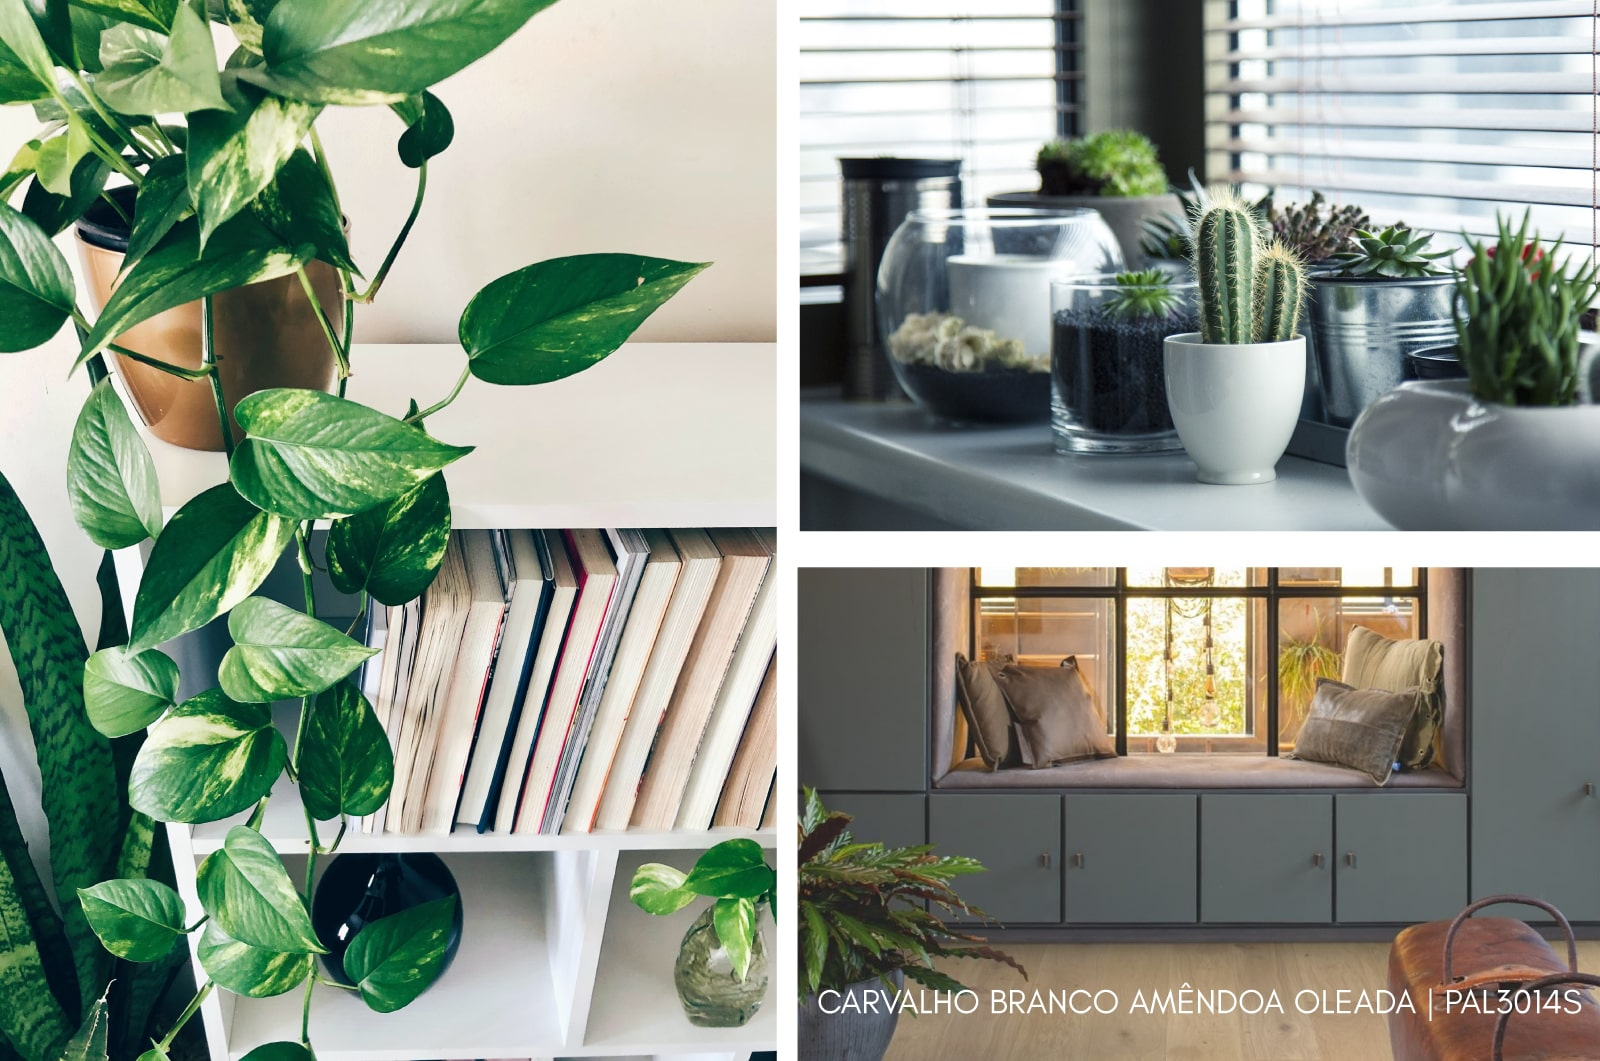 Carvalho-Branco-Amendoa-oleada-PAL3014S.jpg